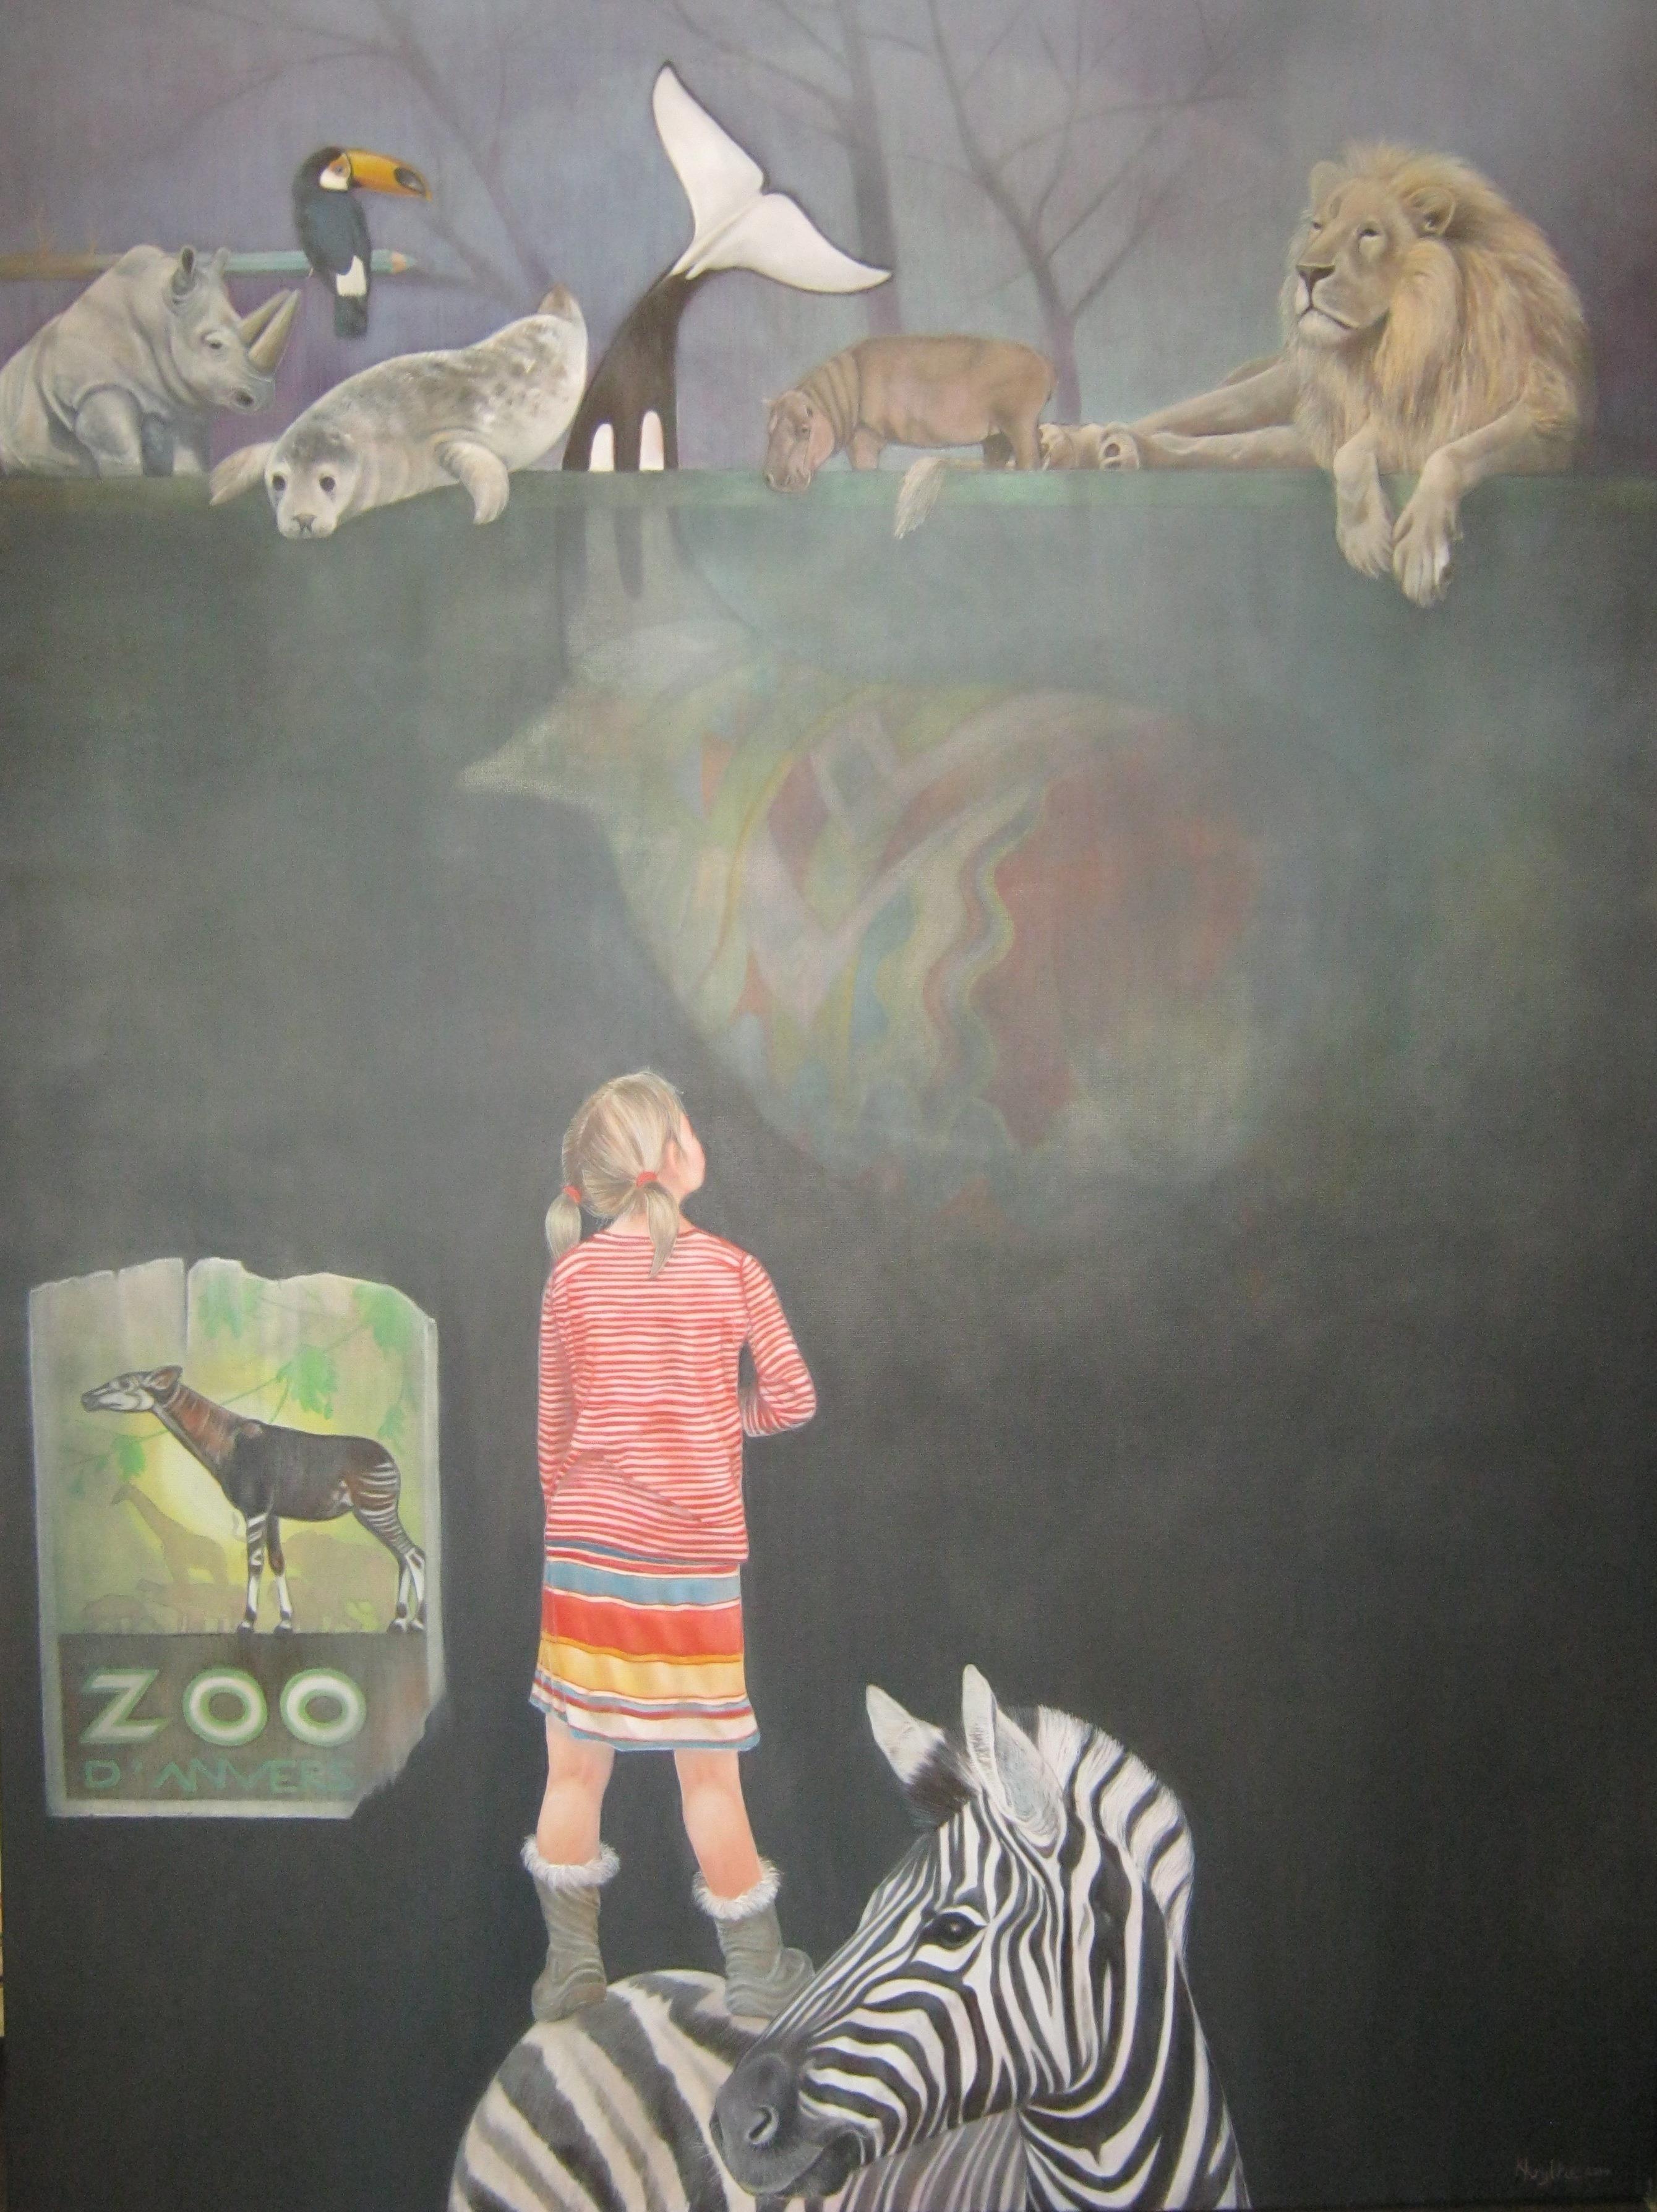 Kirsten Krijthe. Zoo. In de (kinderljjke) fantasie is alle mogelijk. De muur laat deze verbeelding zien. Denk groter dan je bent...